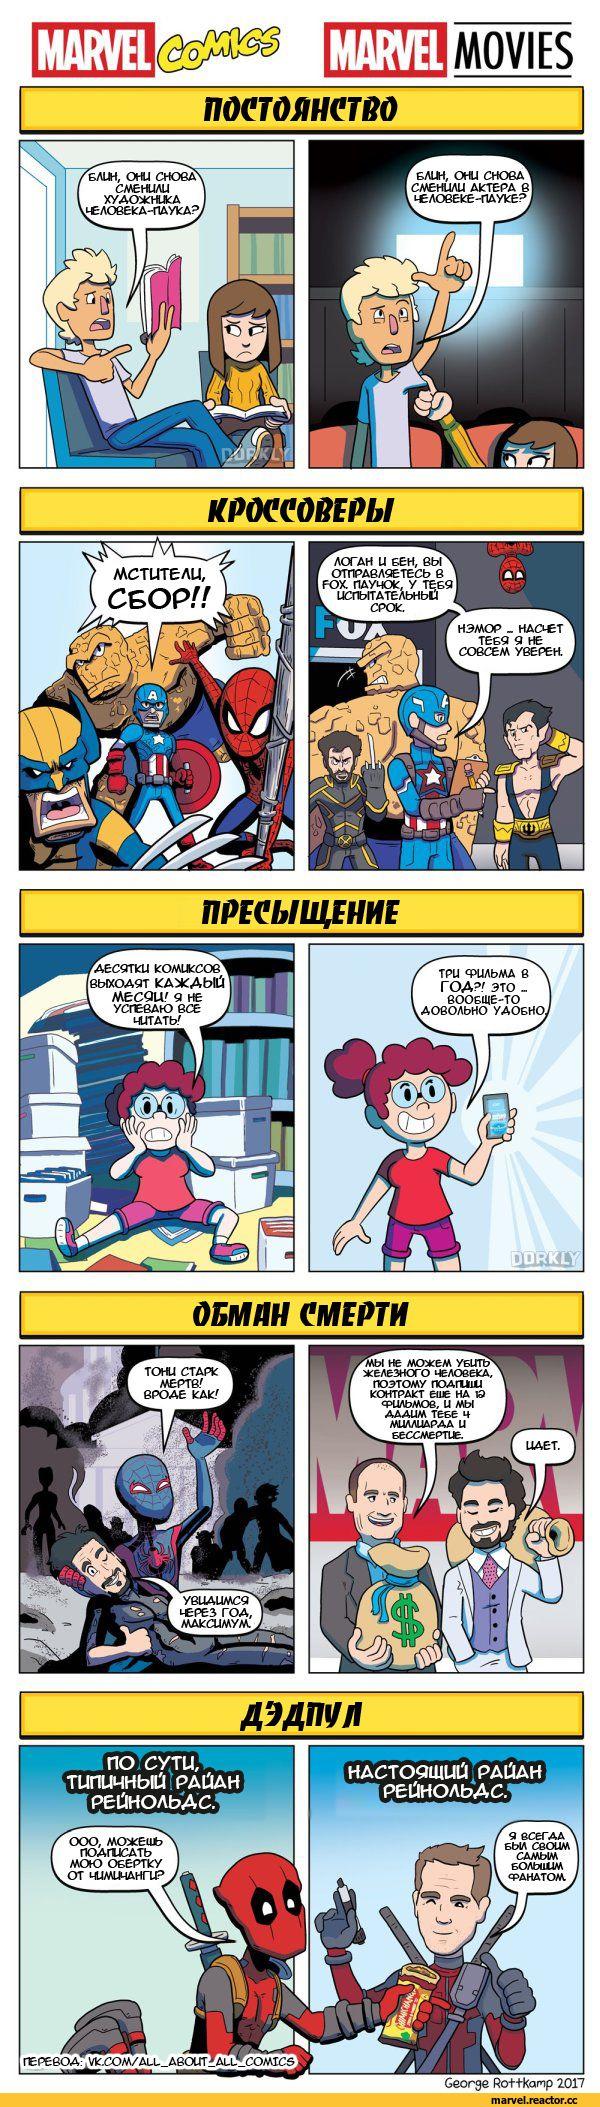 dorkly,Смешные комиксы,веб-комиксы с юмором и их переводы,Marvel,Вселенная Марвел,фэндомы,Marvel Cinematic Universe,Кинематографическая вселенная Марвел,Avengers,Мстители,X-Men,Люди-Икс,X-Men Movie Universe,Вселенная фильмов о Людях-Икс,Fantastic Four,Фантастическая четверка,Fantastic Four